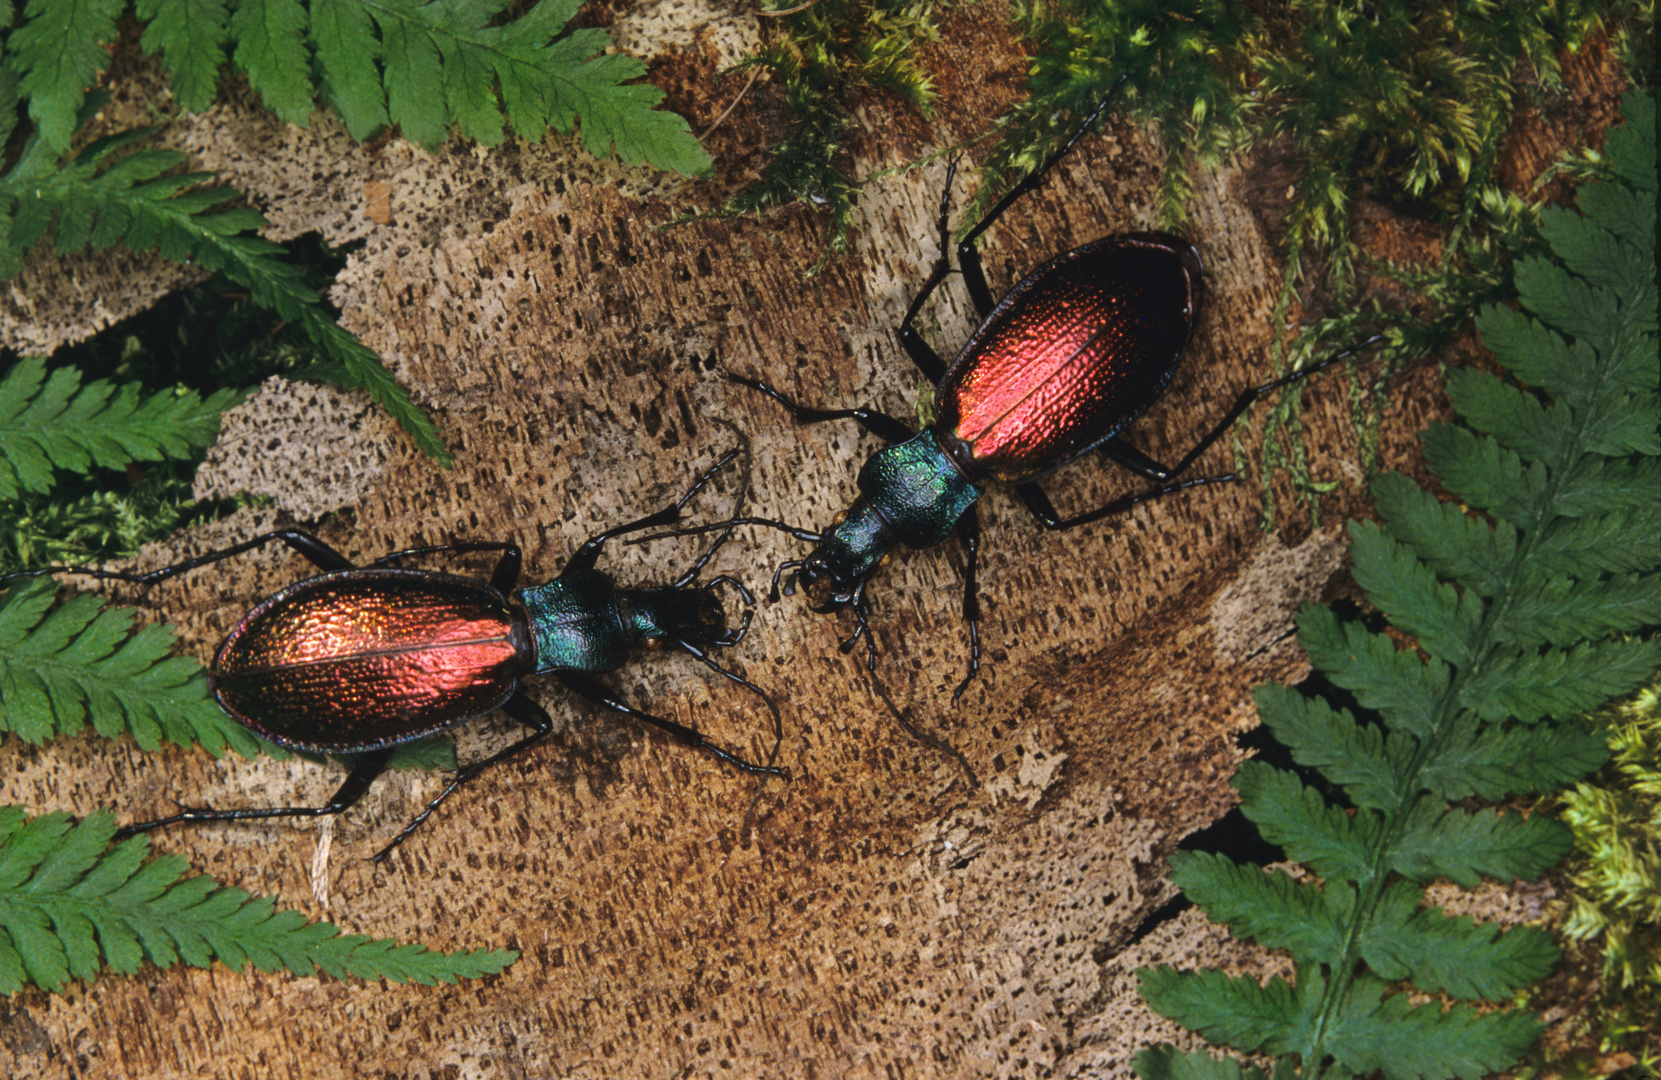 Cevennen-Laufkäfer, Carabus hispanus, ground beetle, Loopkevers